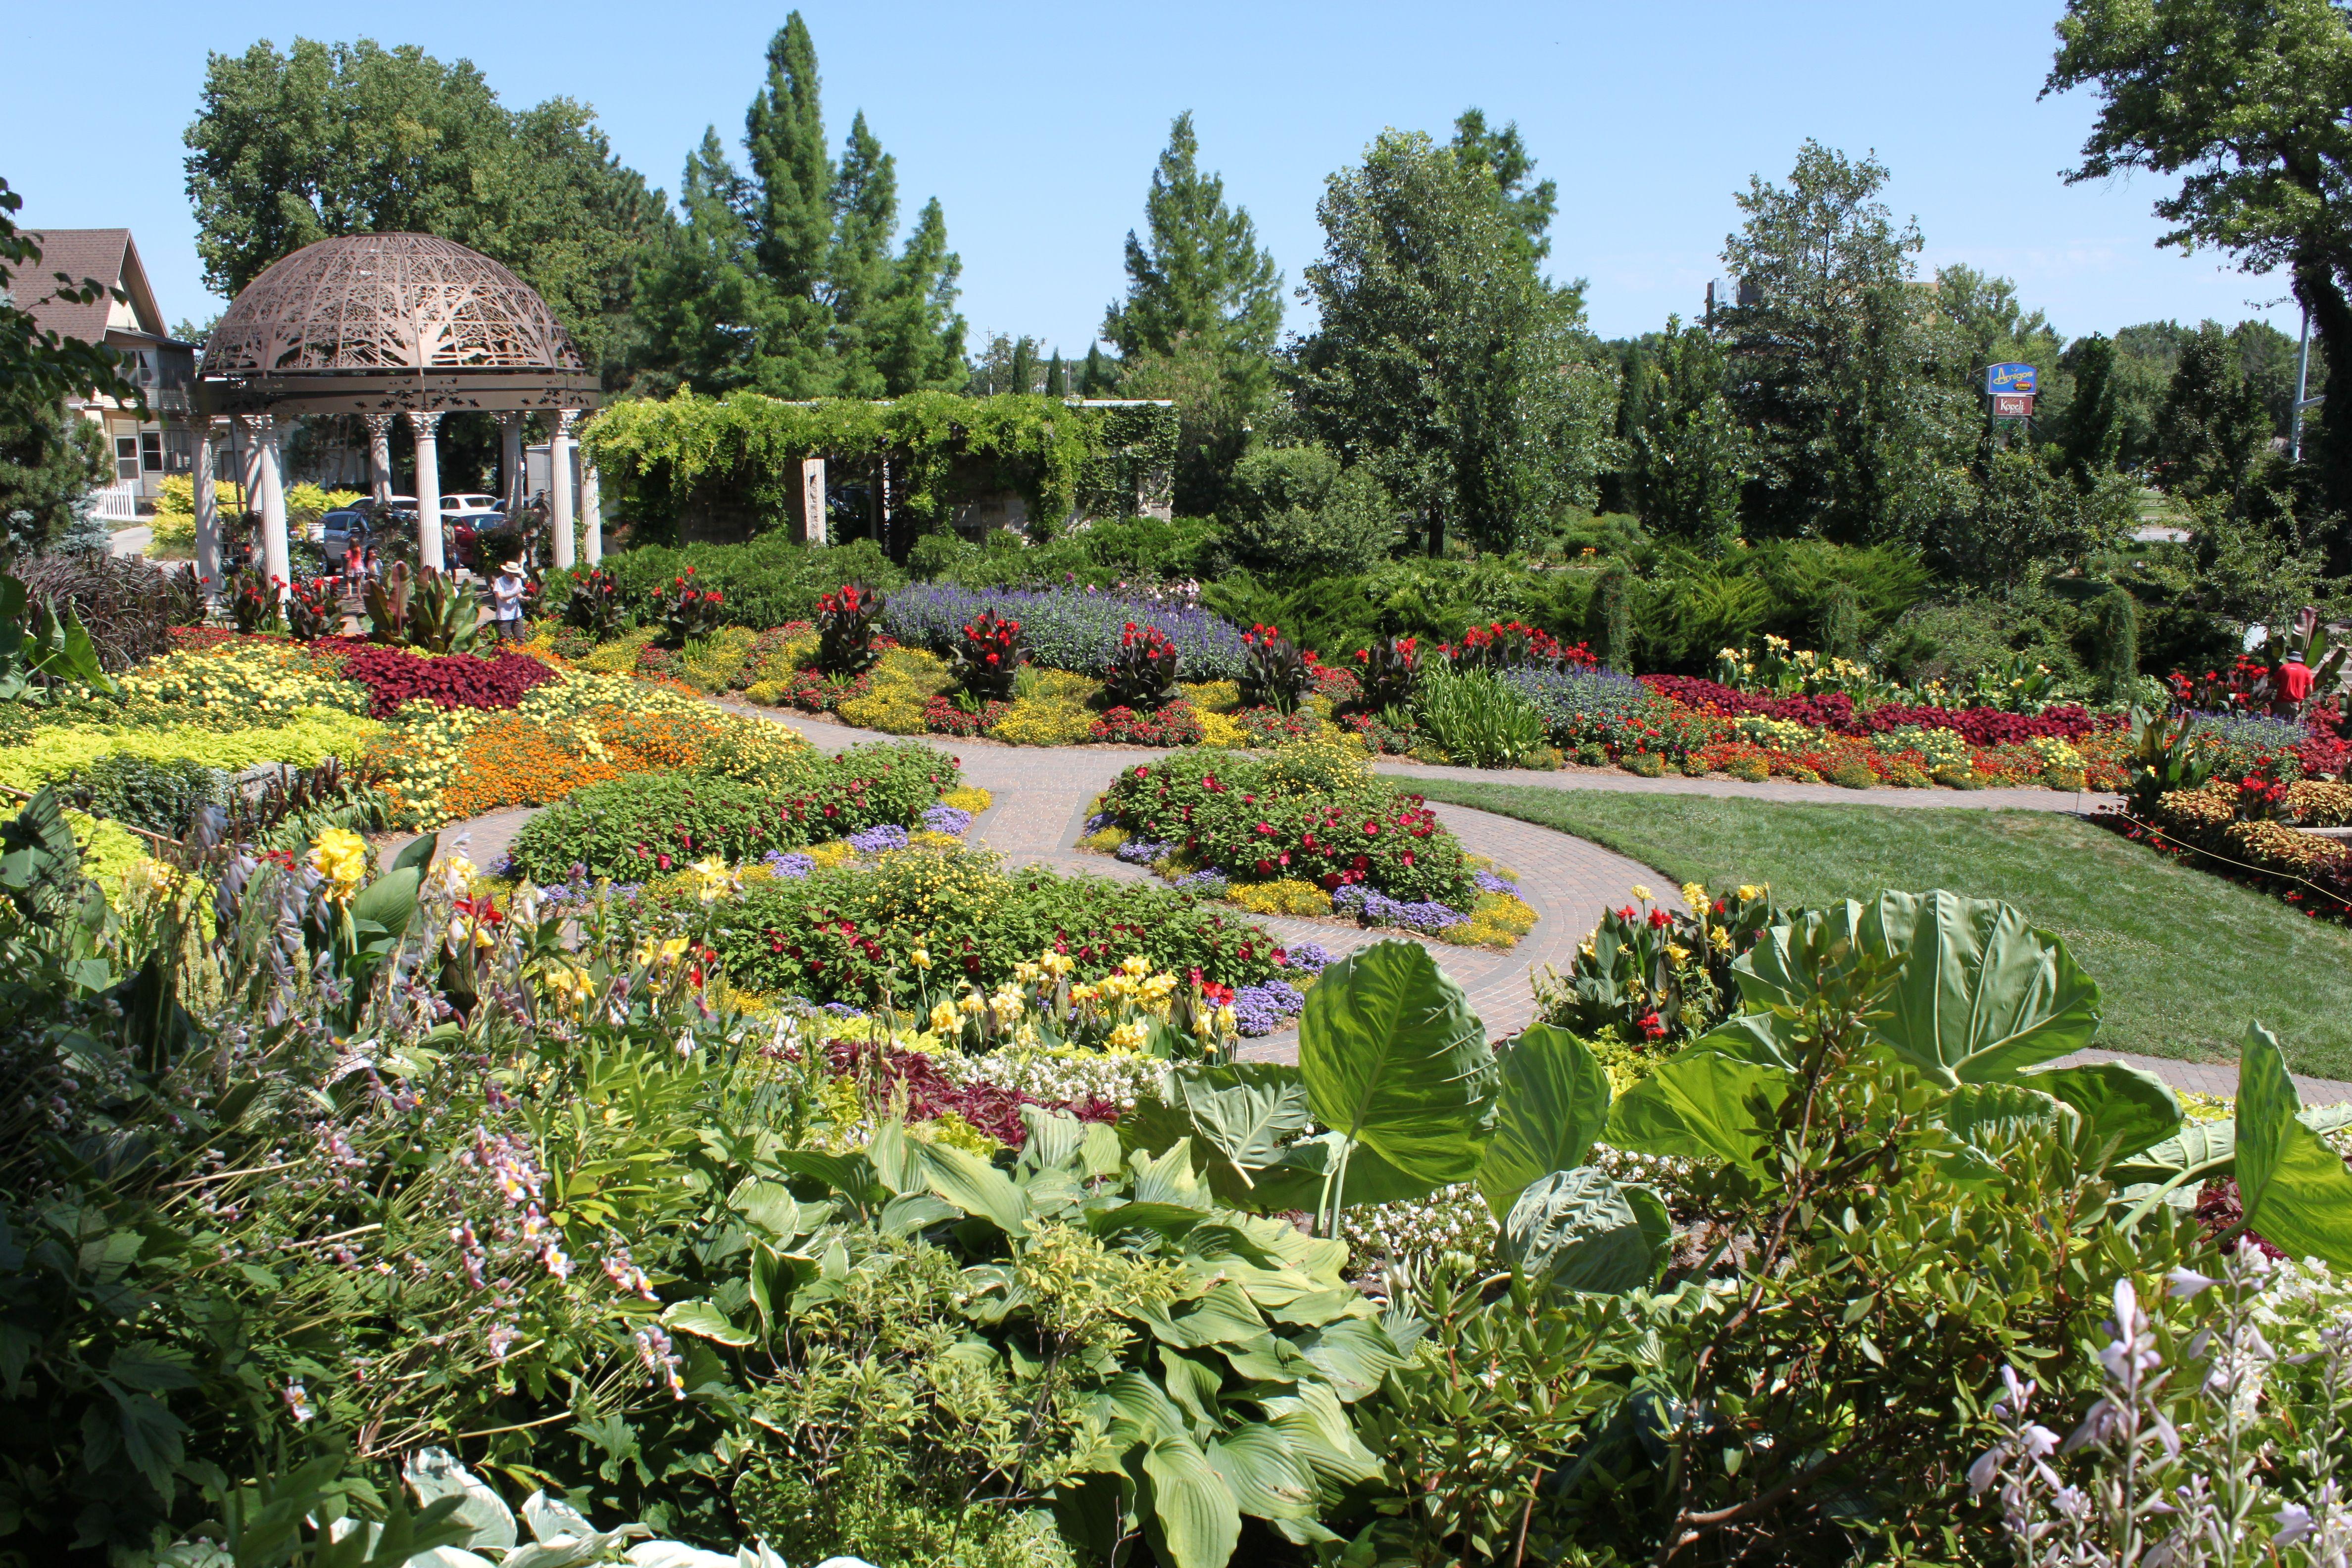 Sunken Gardens in Lincoln, Nebraska Sunken garden